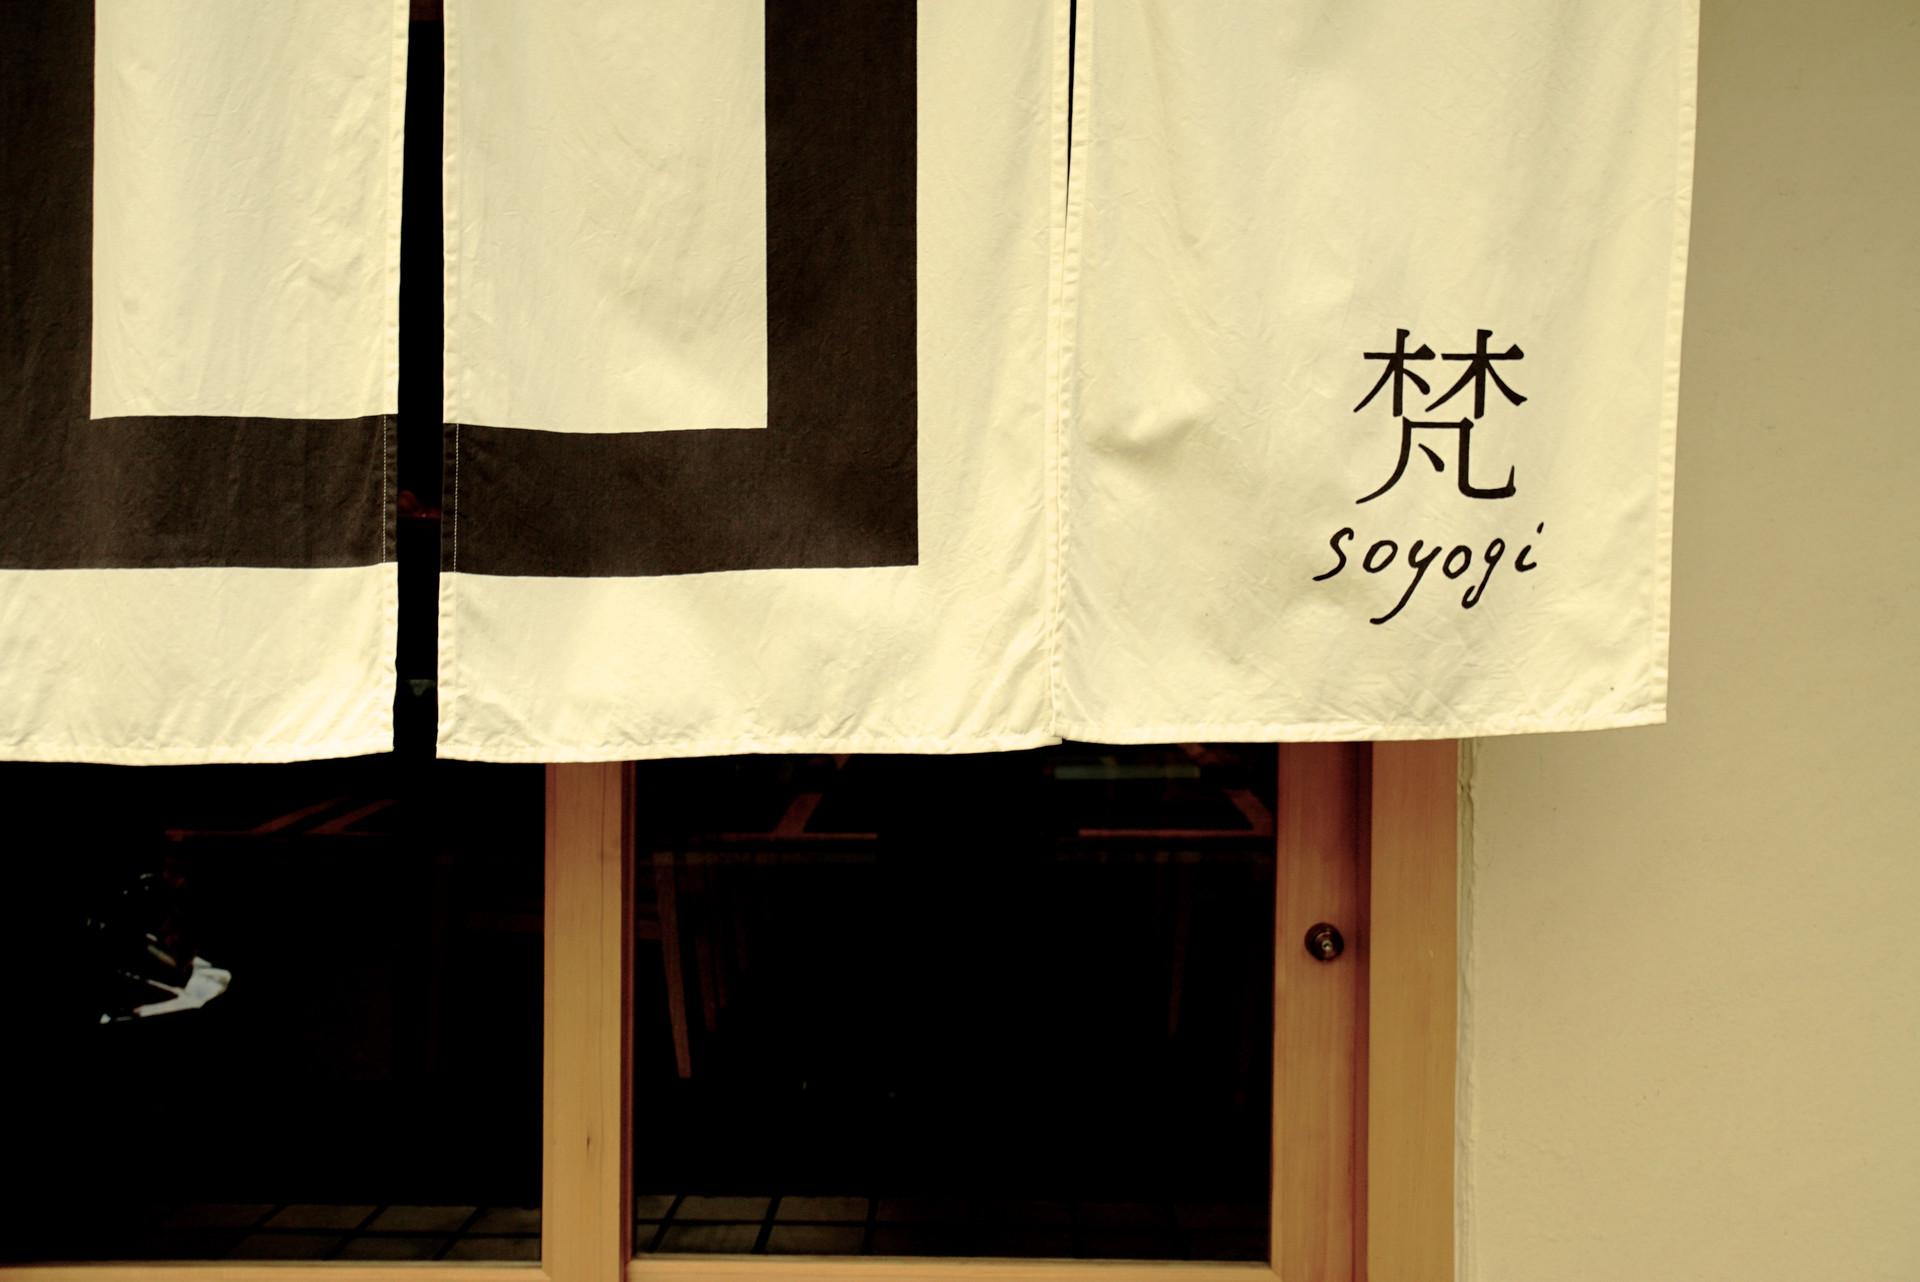 大須天ぷら 梵soyogi 70.jpg